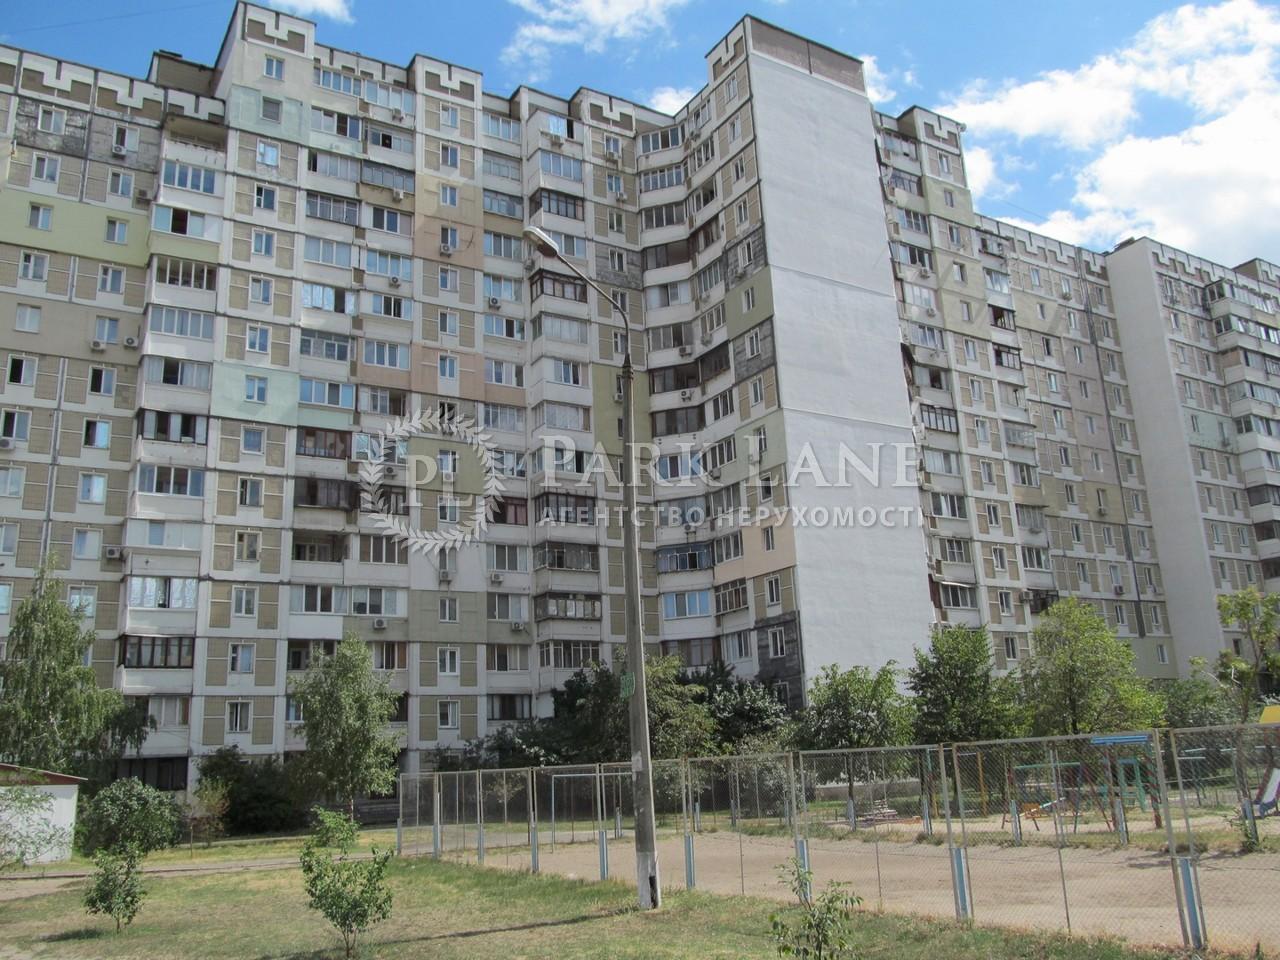 Квартира ул. Ахматовой, 4, Киев, Z-792452 - Фото 2